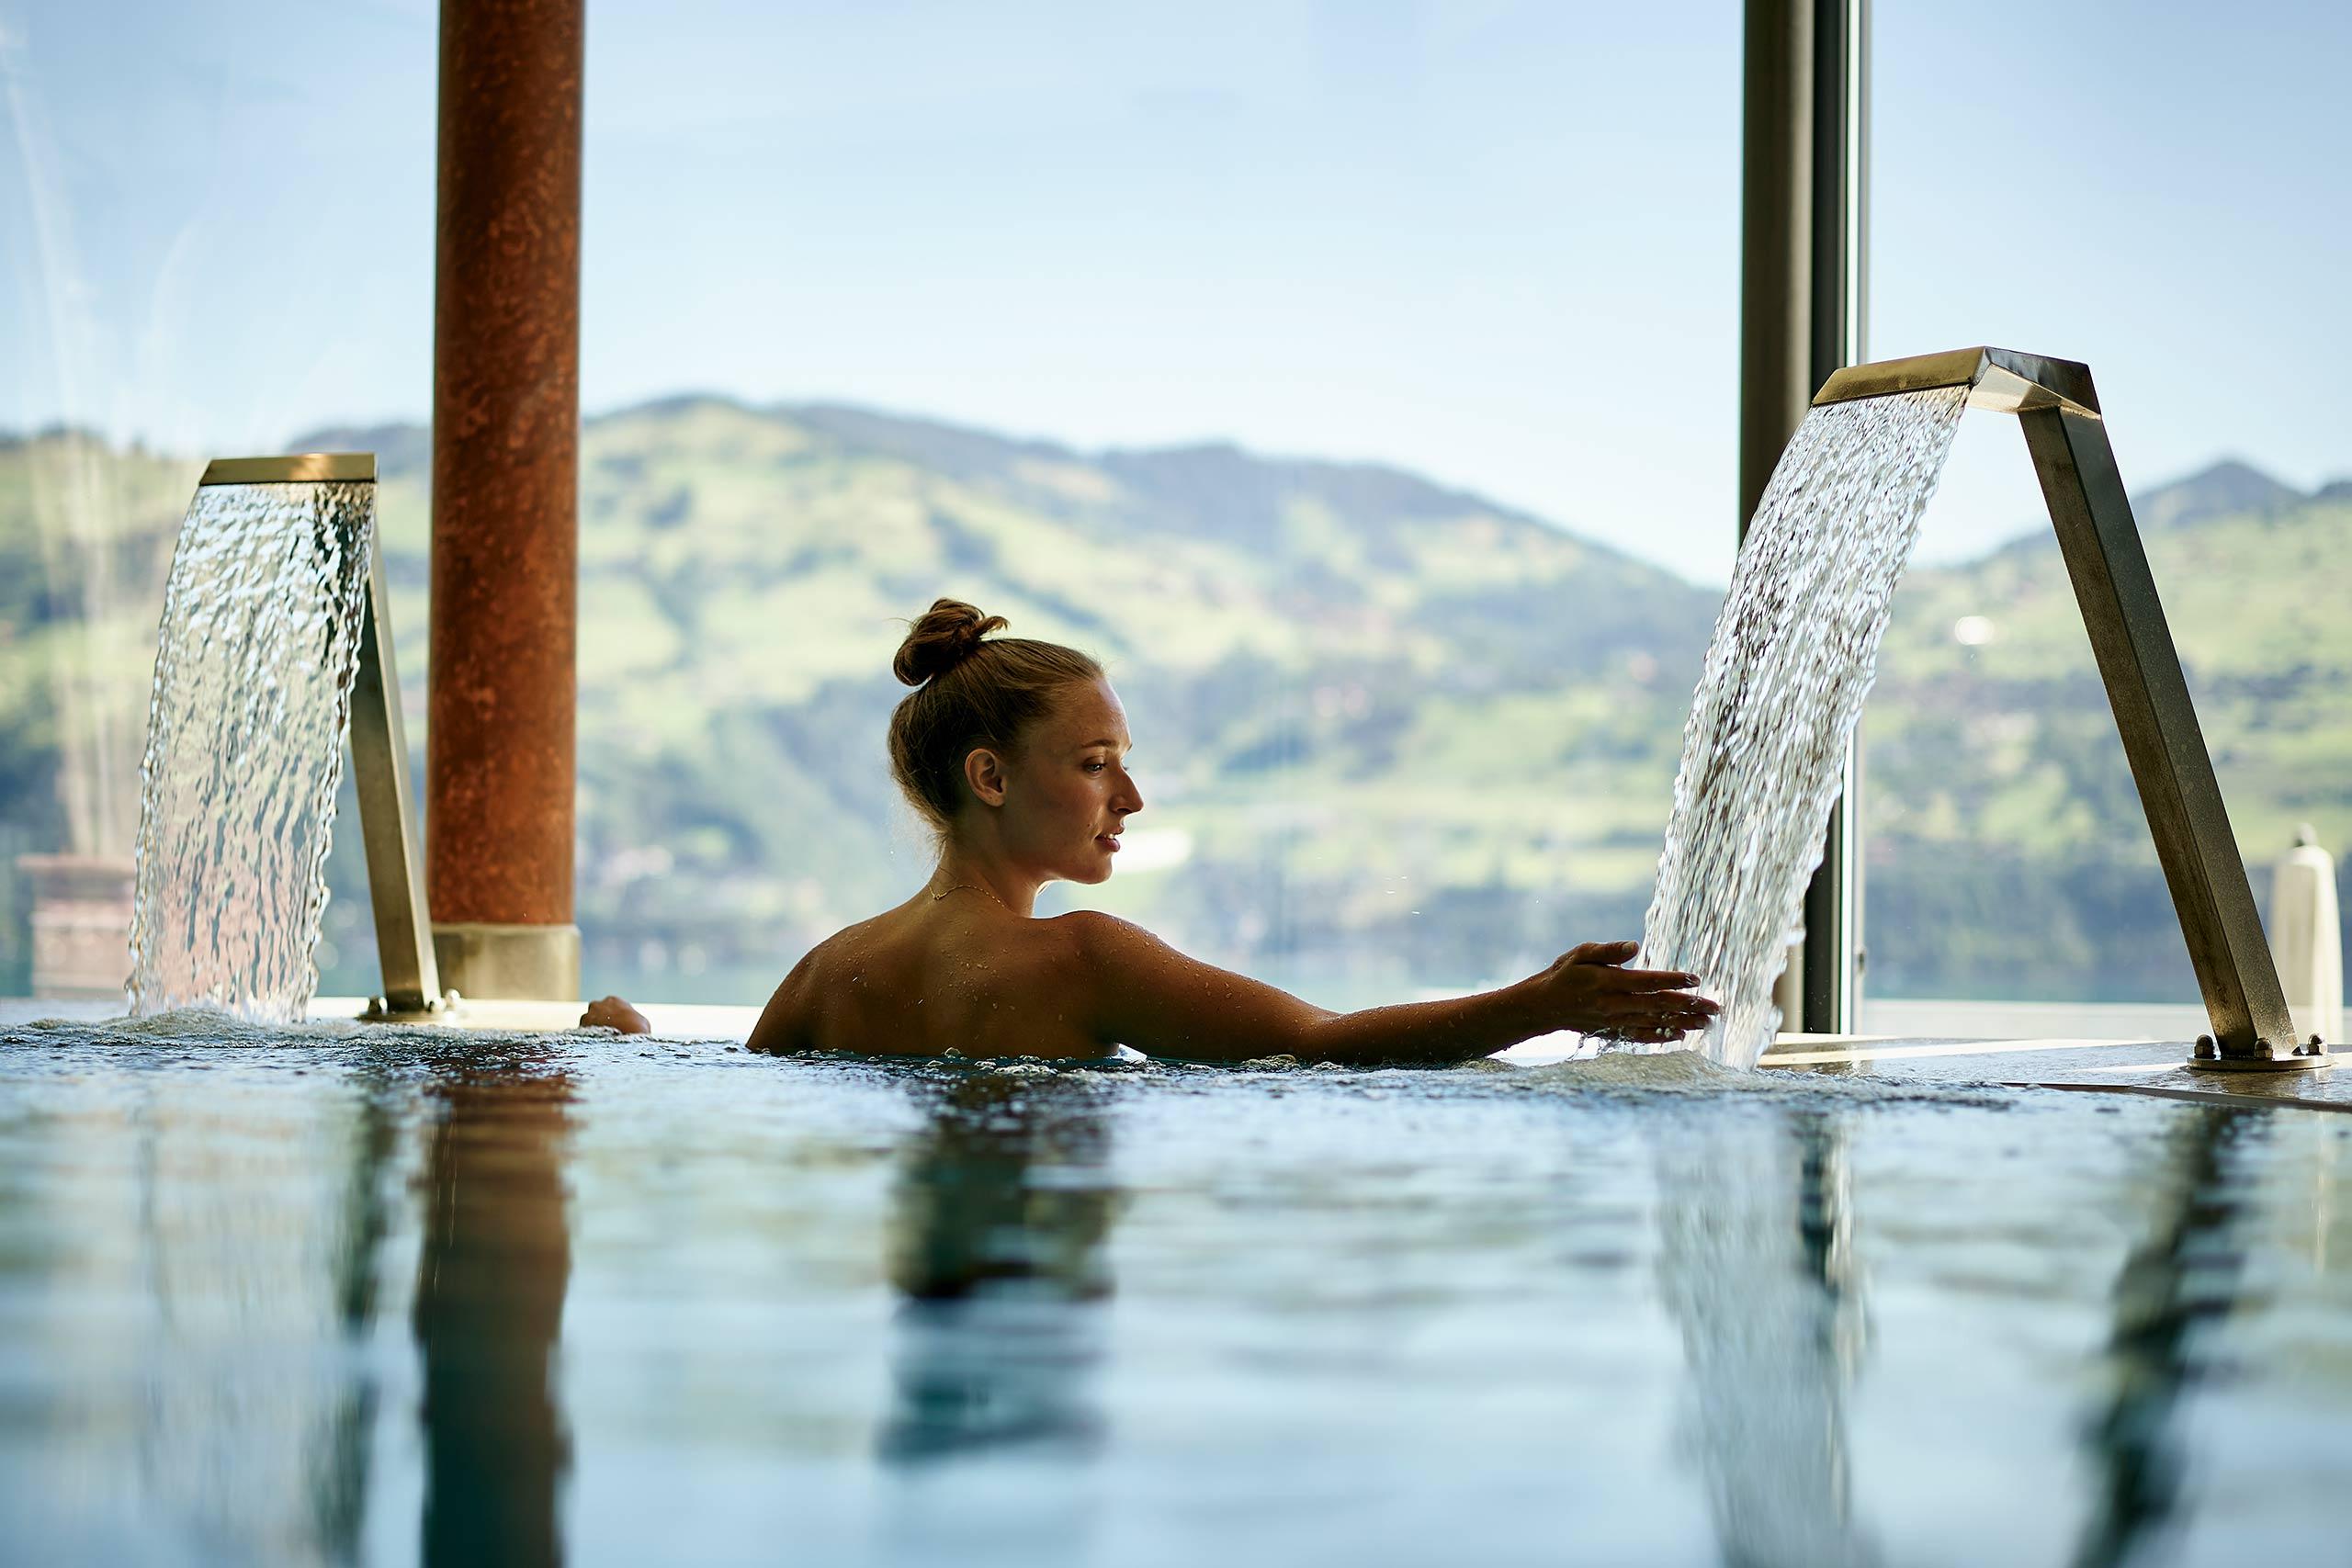 spiez-belvedere-wellness-oase-indoor-pool.jpg